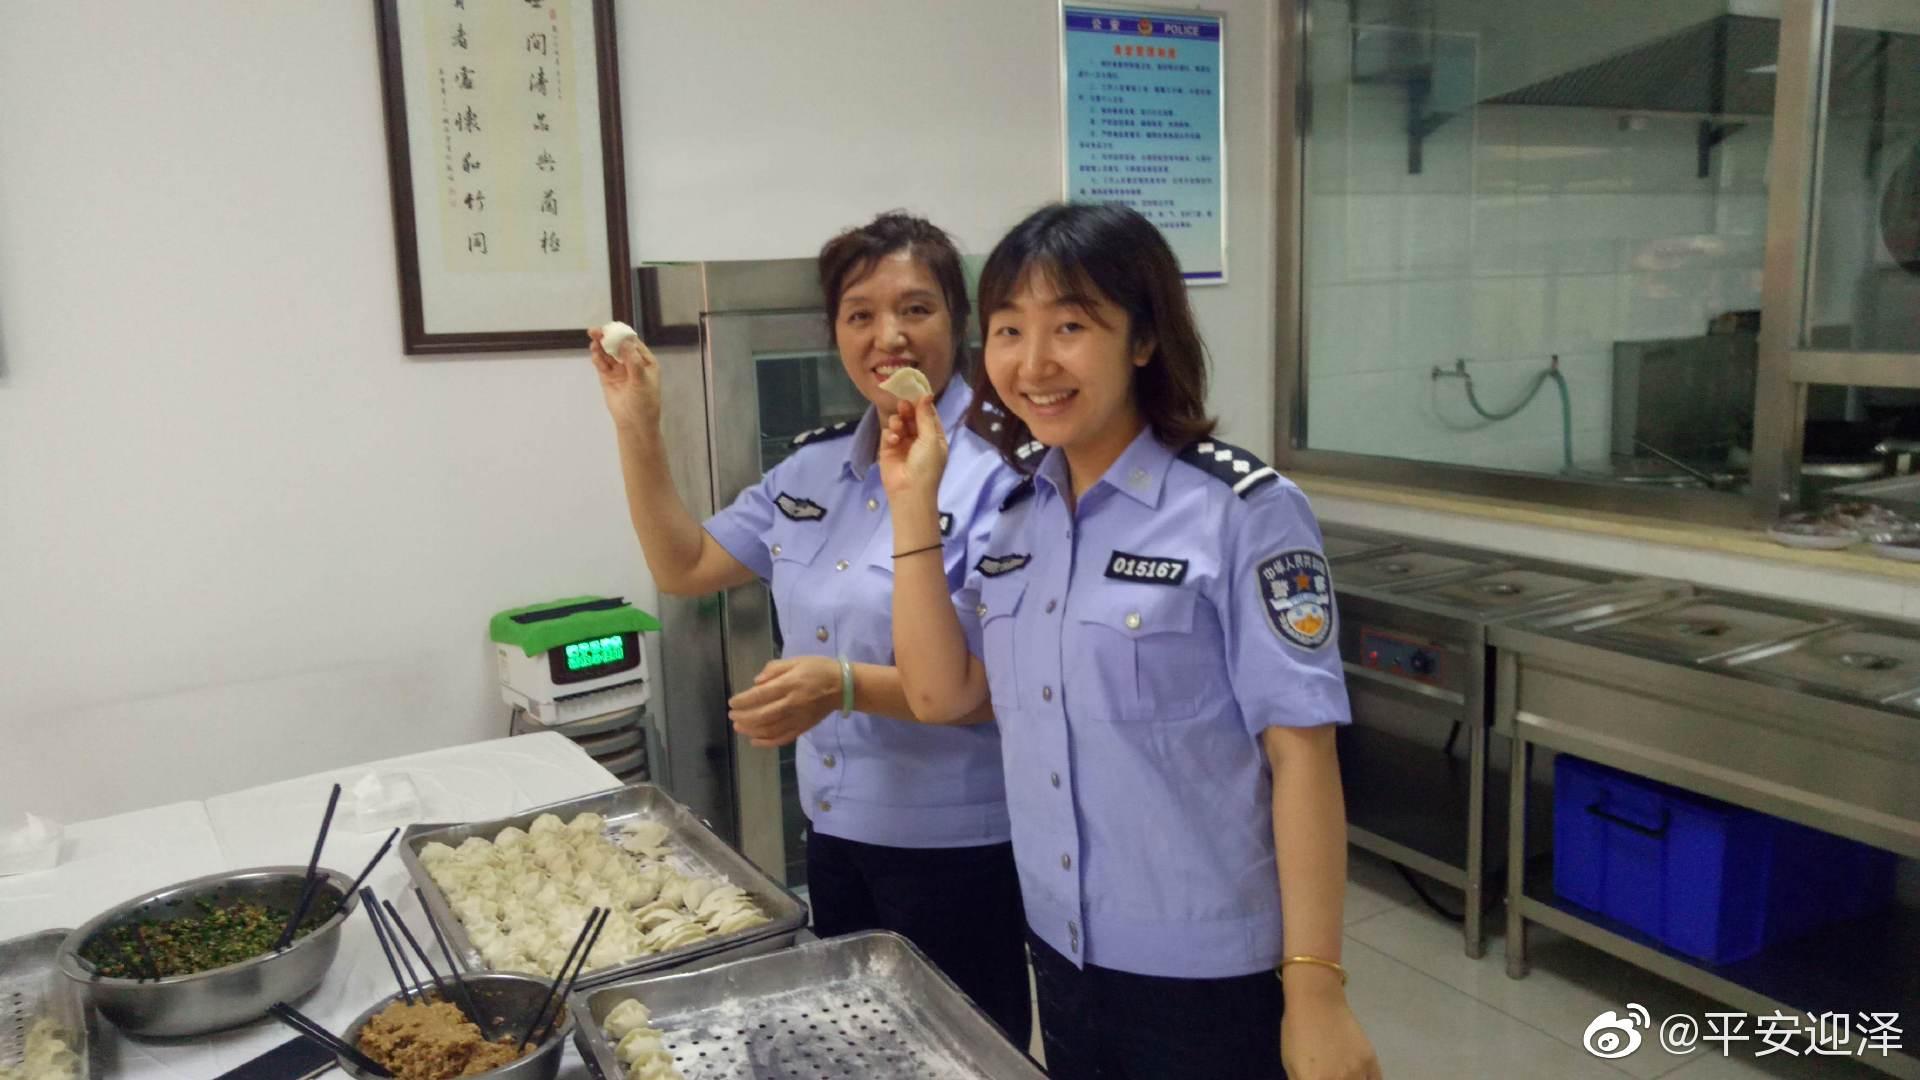 农历八月十五,本是团圆欢聚的日子,依旧坚守在一线的广大公安民警